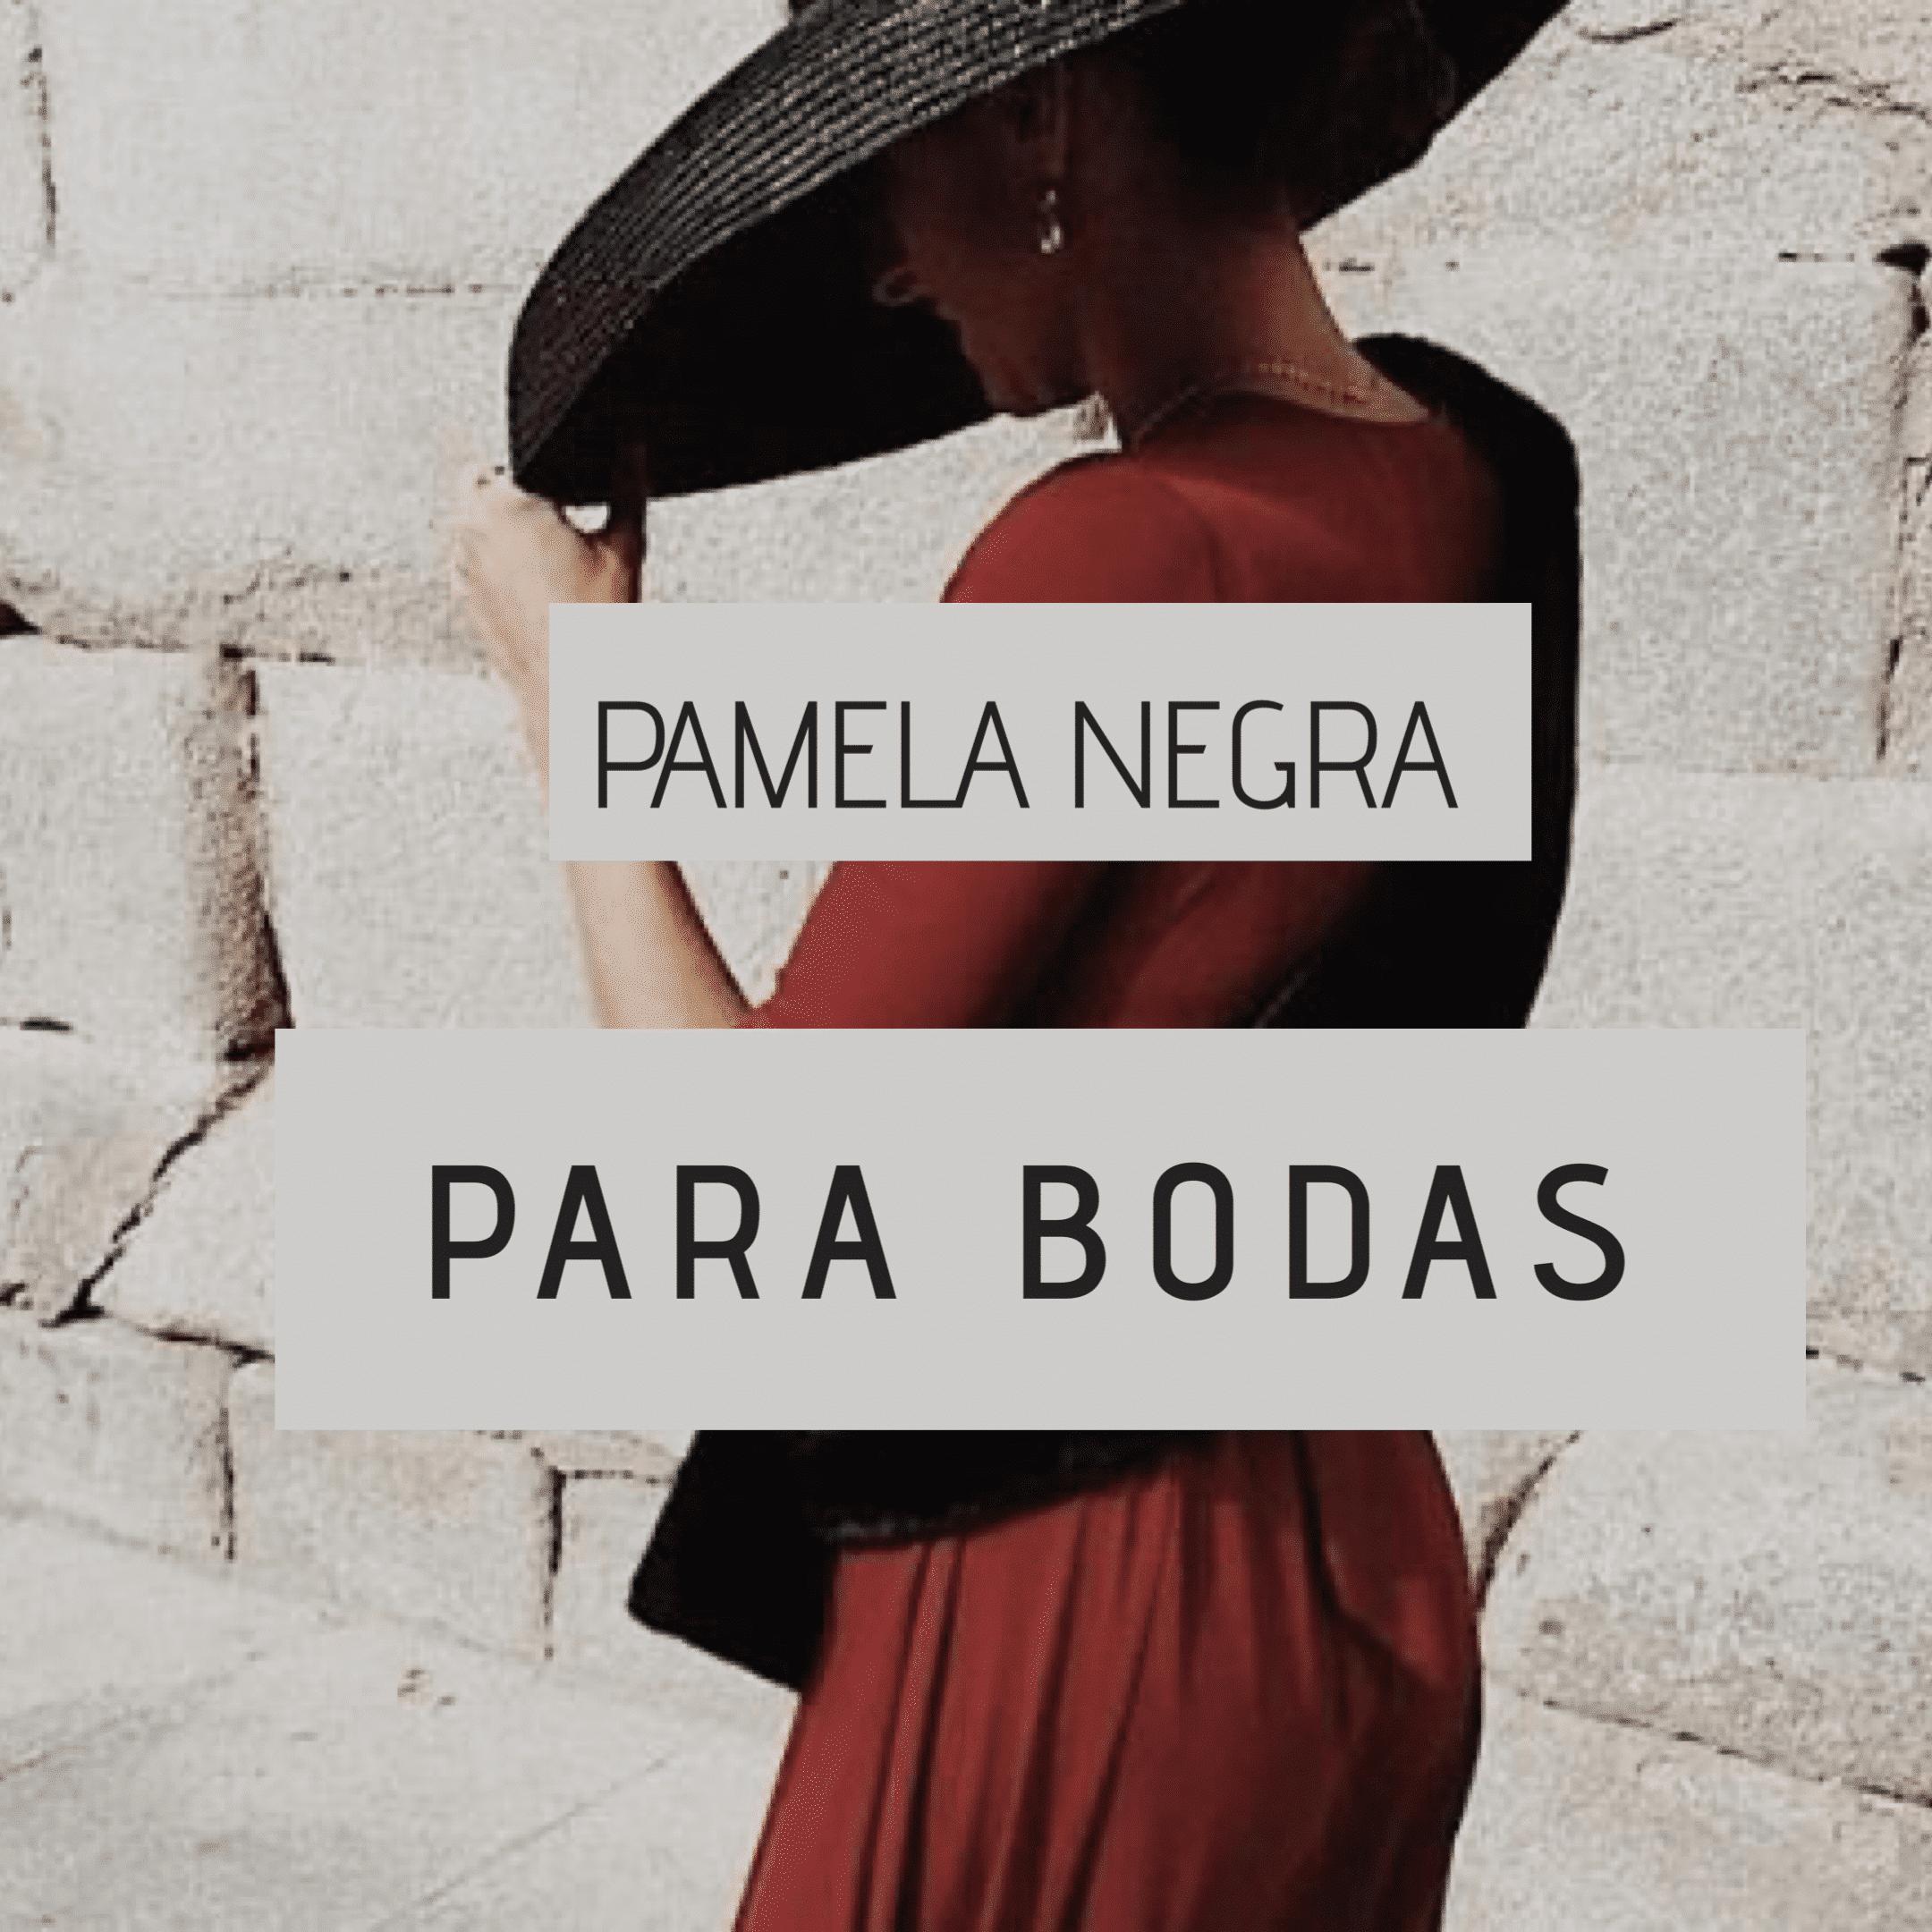 Pamela negra para boda